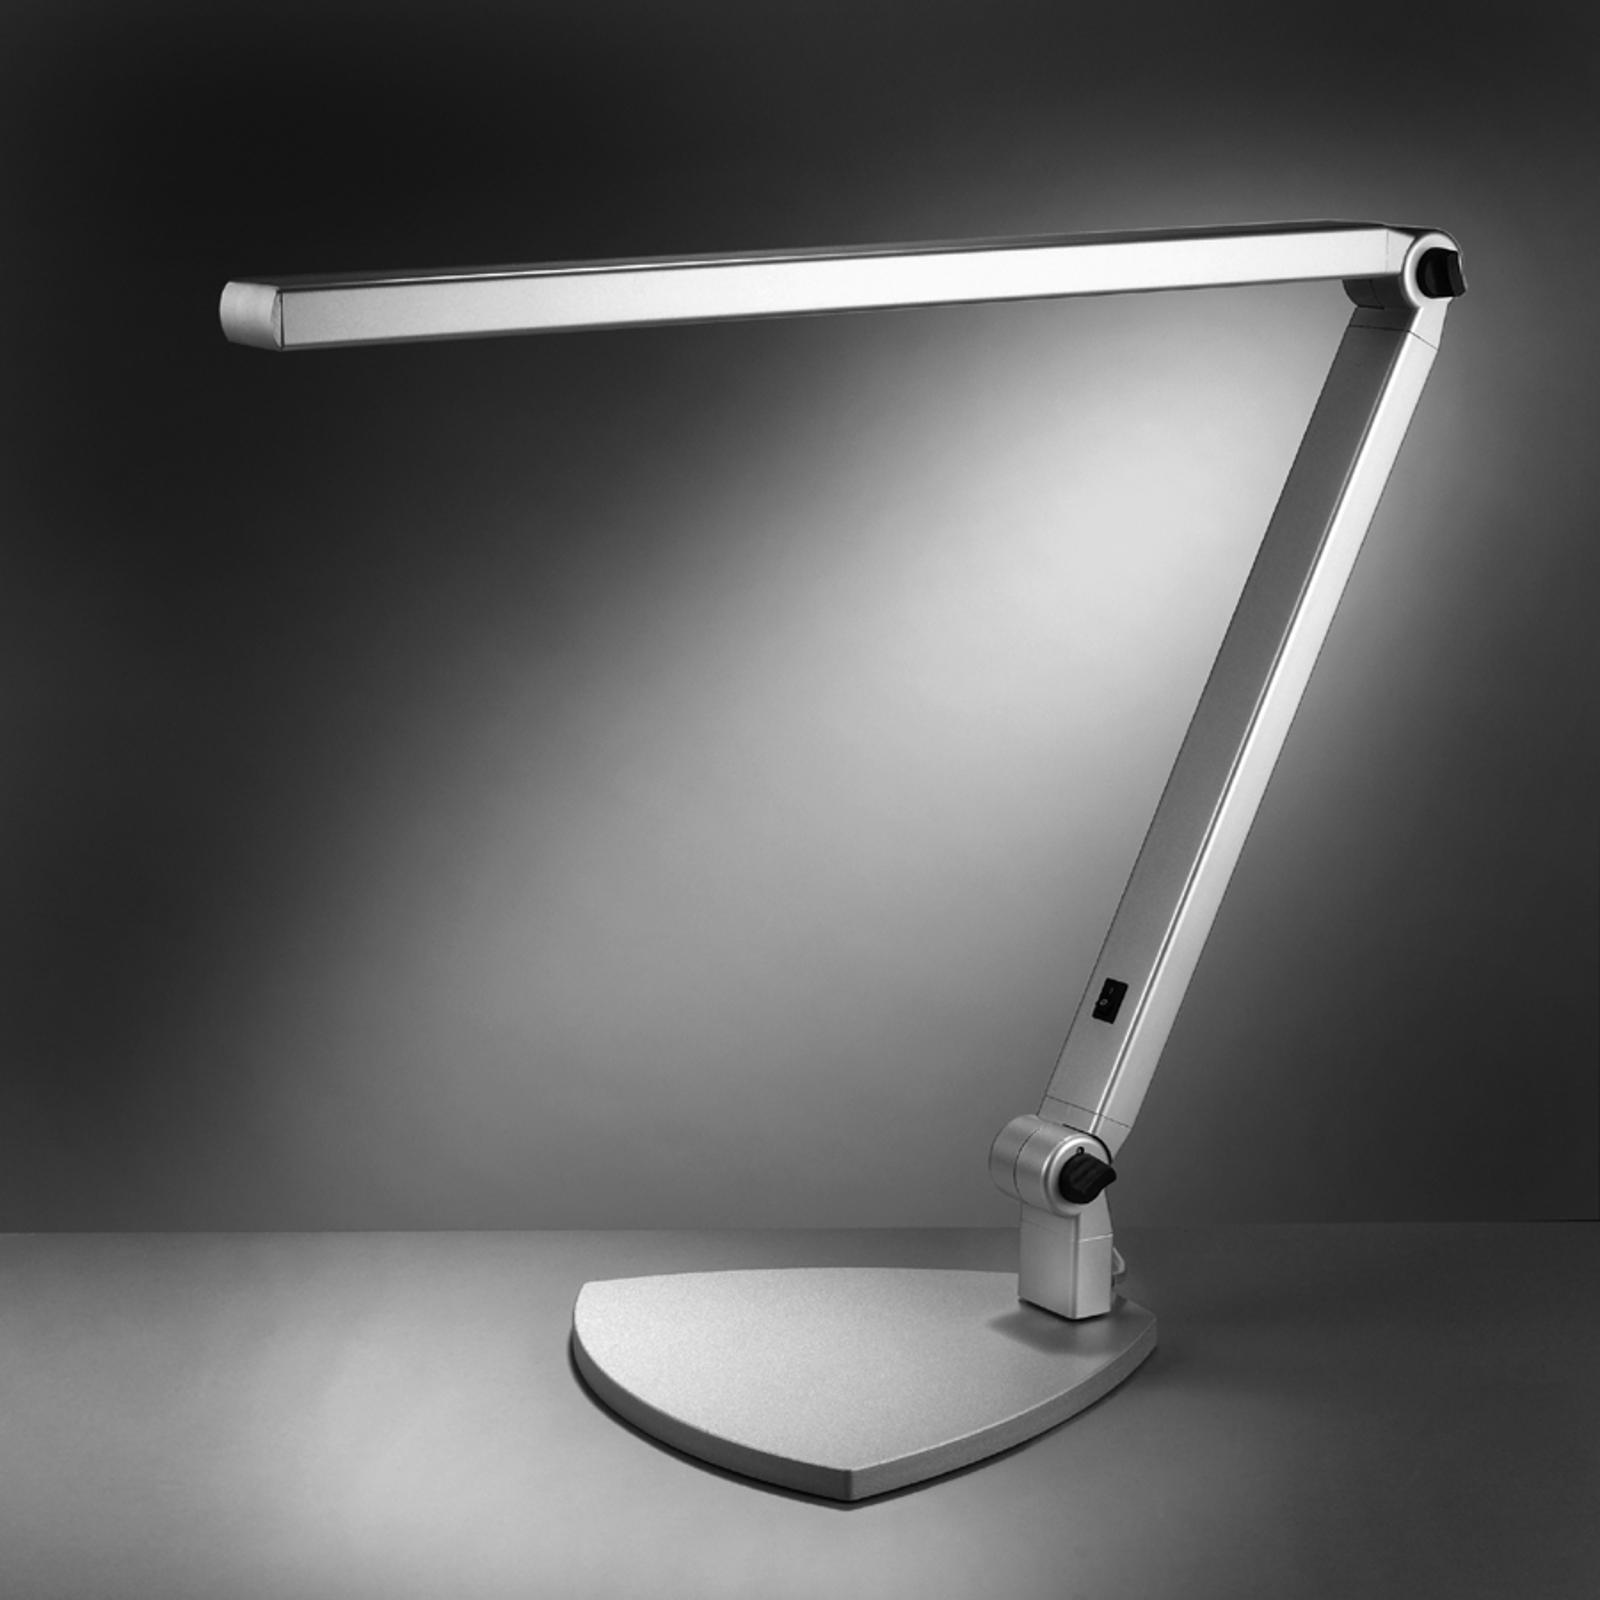 LED-Tischleuchte Take 5, mit Fuß, universalweiß